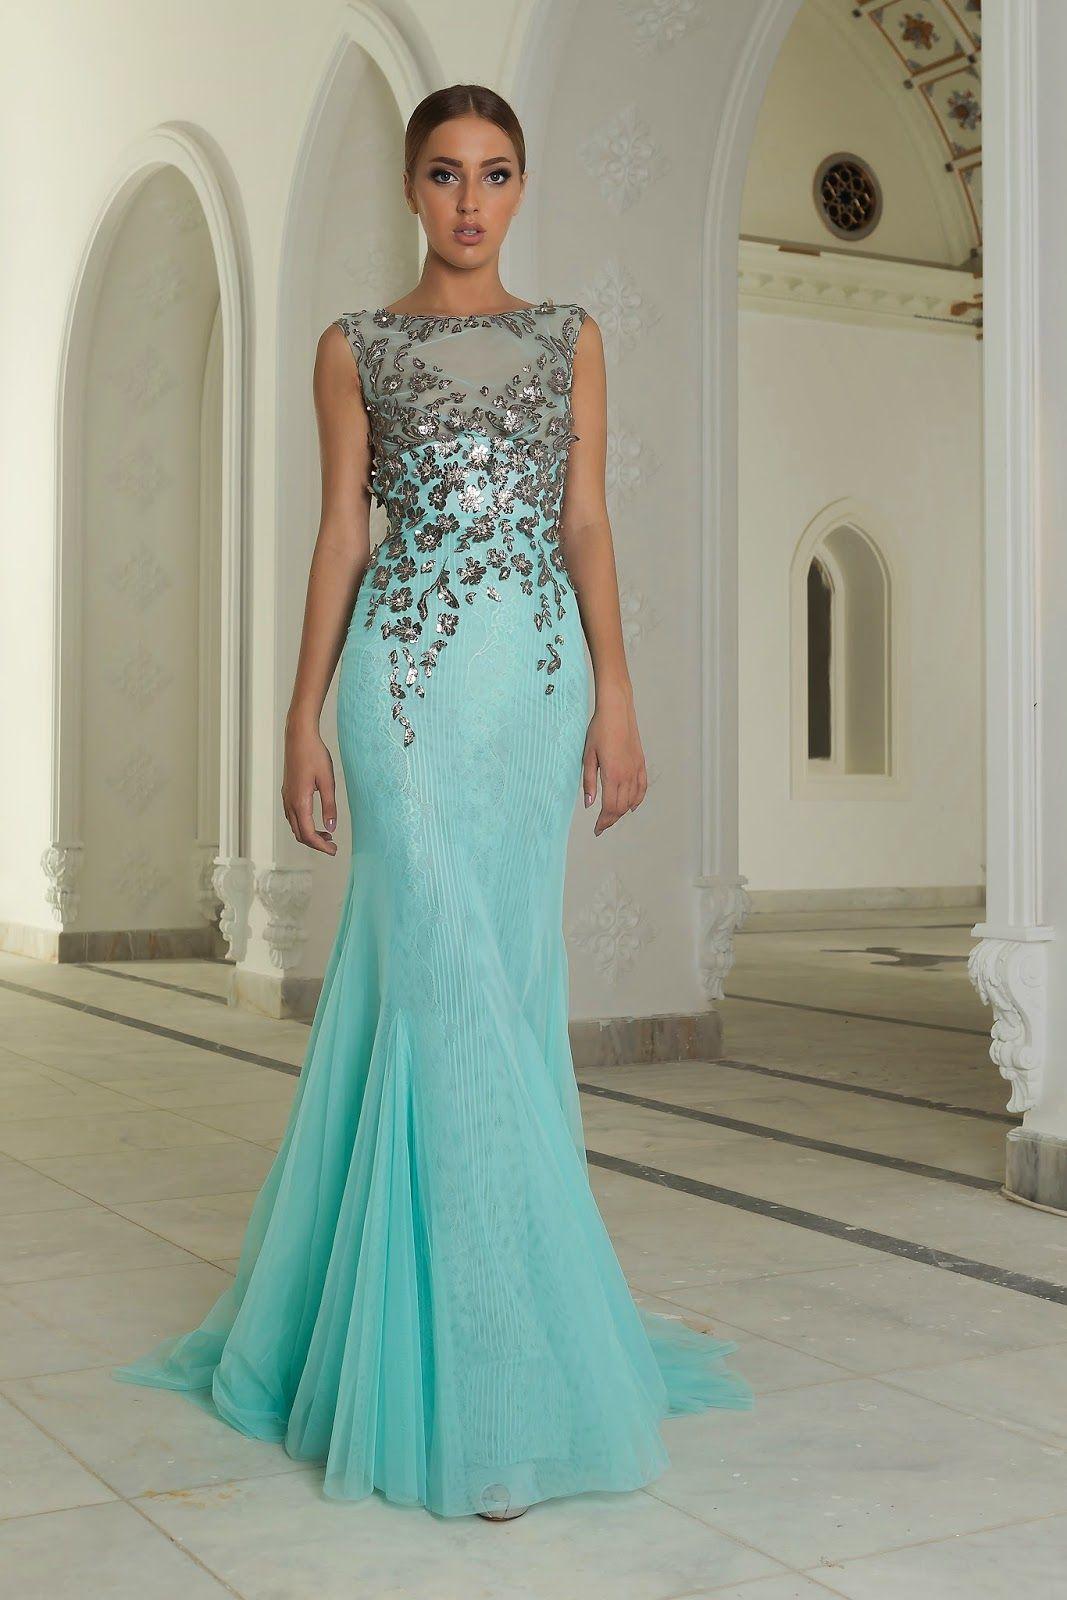 Fantásticos vestidos de cóctel elegantes | Vestidos para fiestas ...